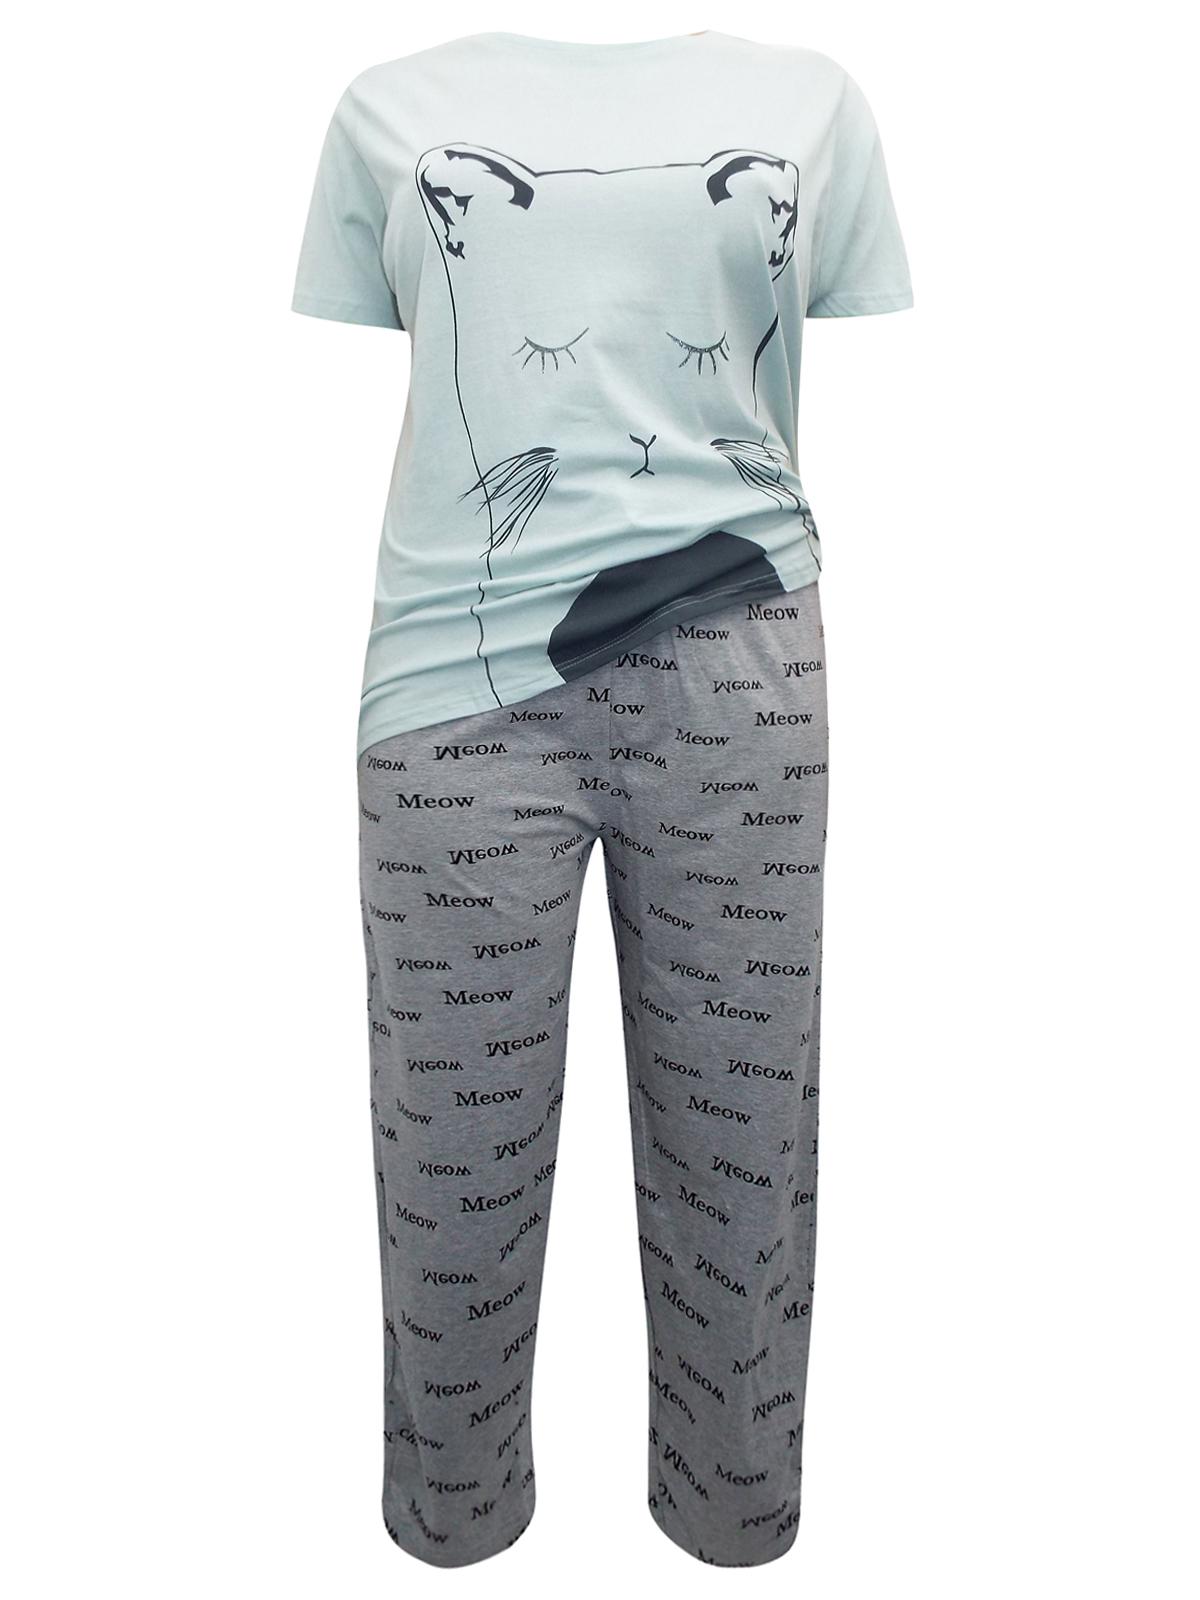 vente la moins chère Vente au rabais 2019 classique chic Smarty Pants - - MINT-GREY Pure Cotton